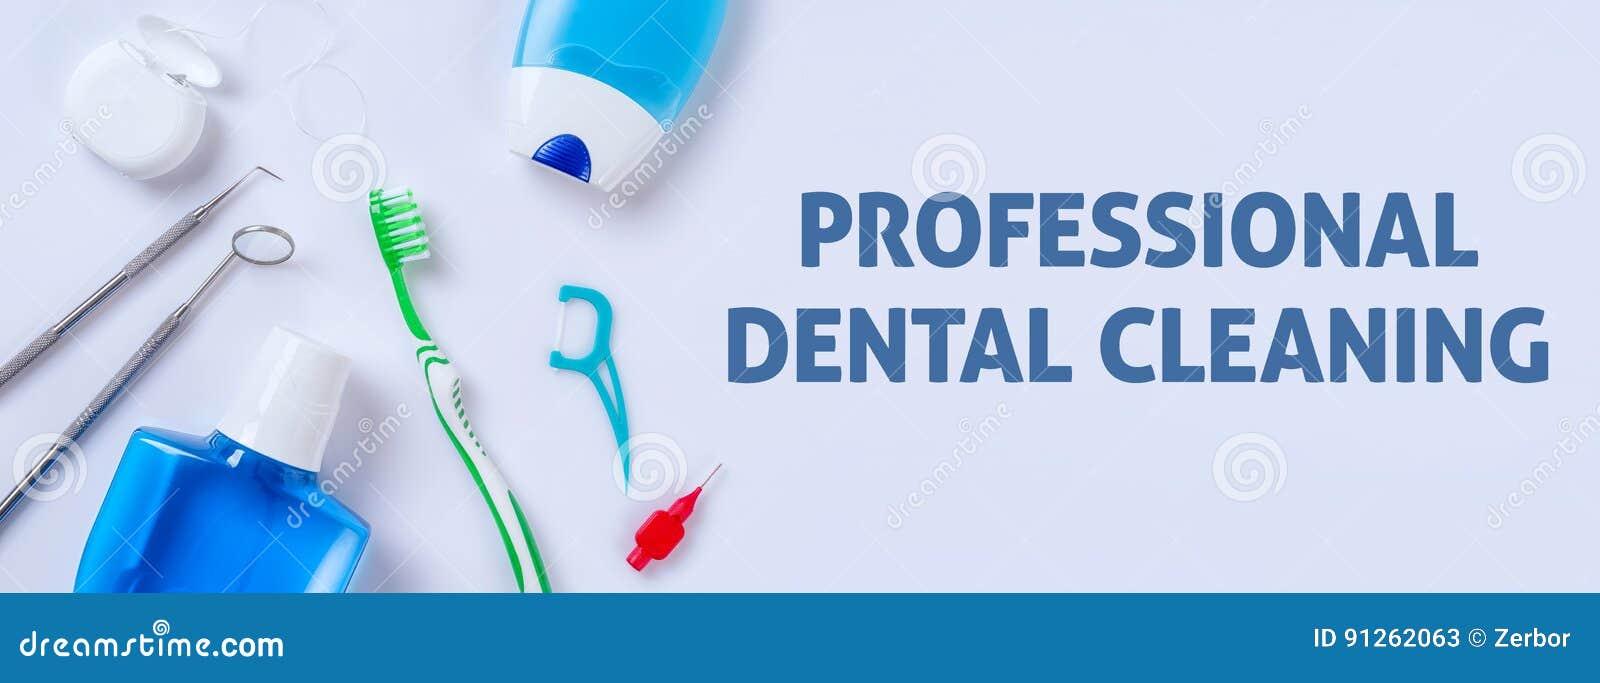 专业牙齿清洁